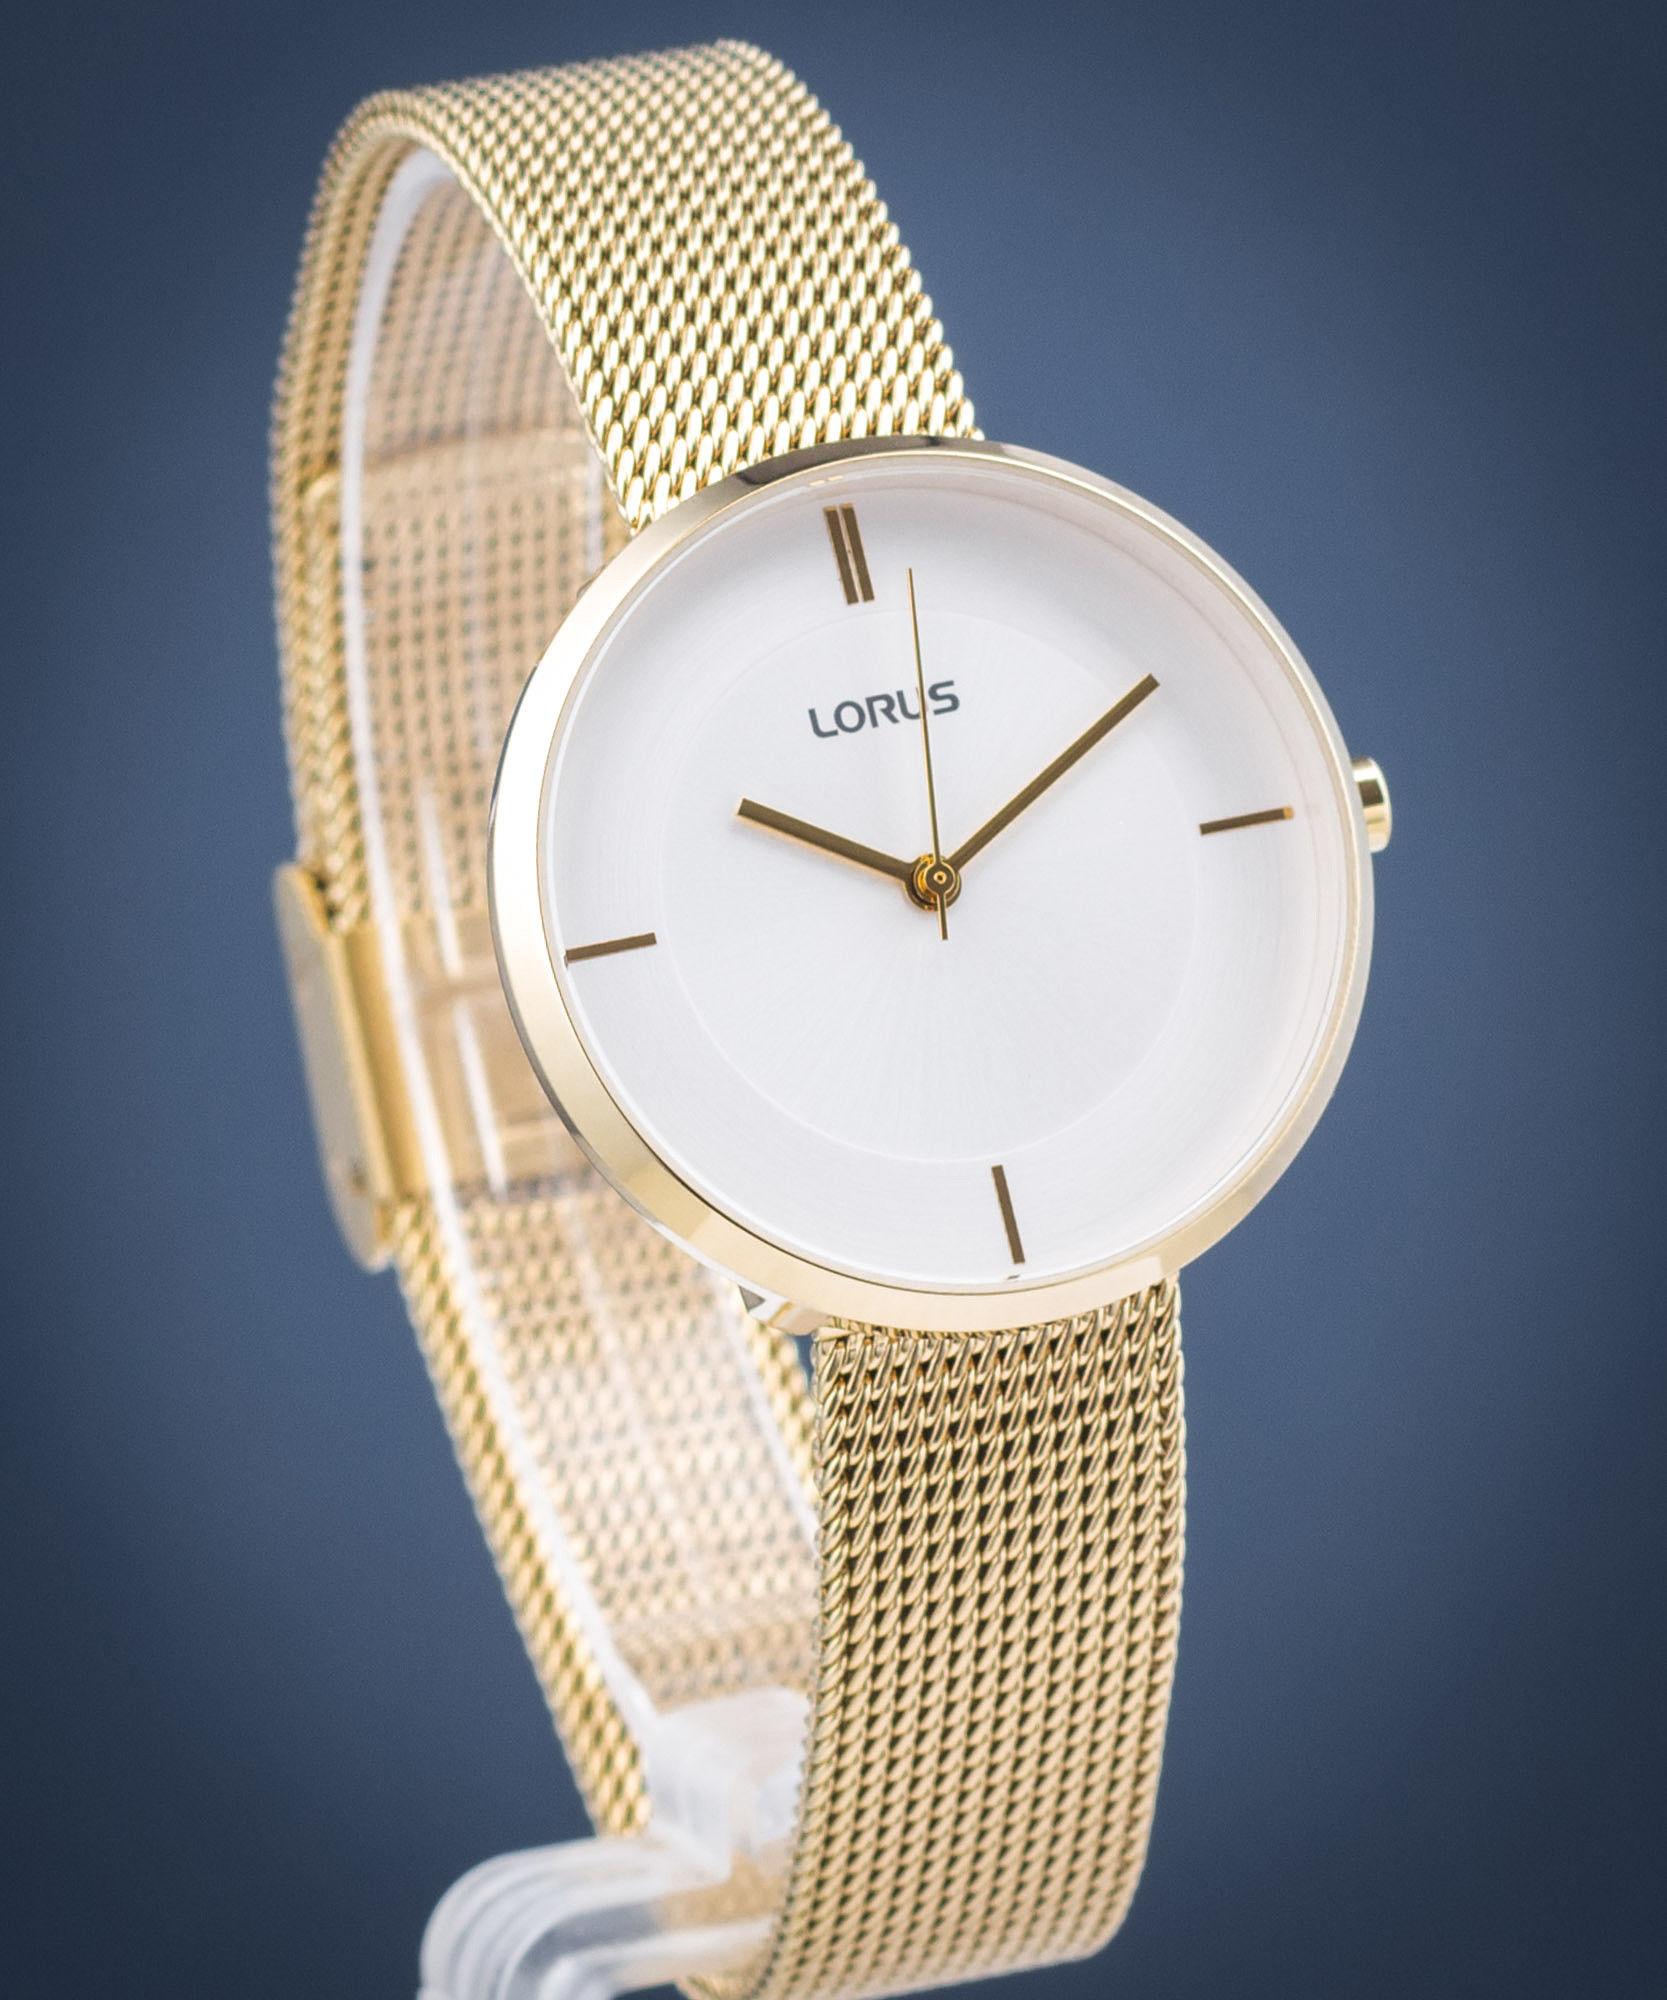 Zegarek Lorus RG252QX9 - CENA DO NEGOCJACJI - DOSTAWA DHL GRATIS, KUPUJ BEZ RYZYKA - 100 dni na zwrot, możliwość wygrawerowania dowolnego tekstu.